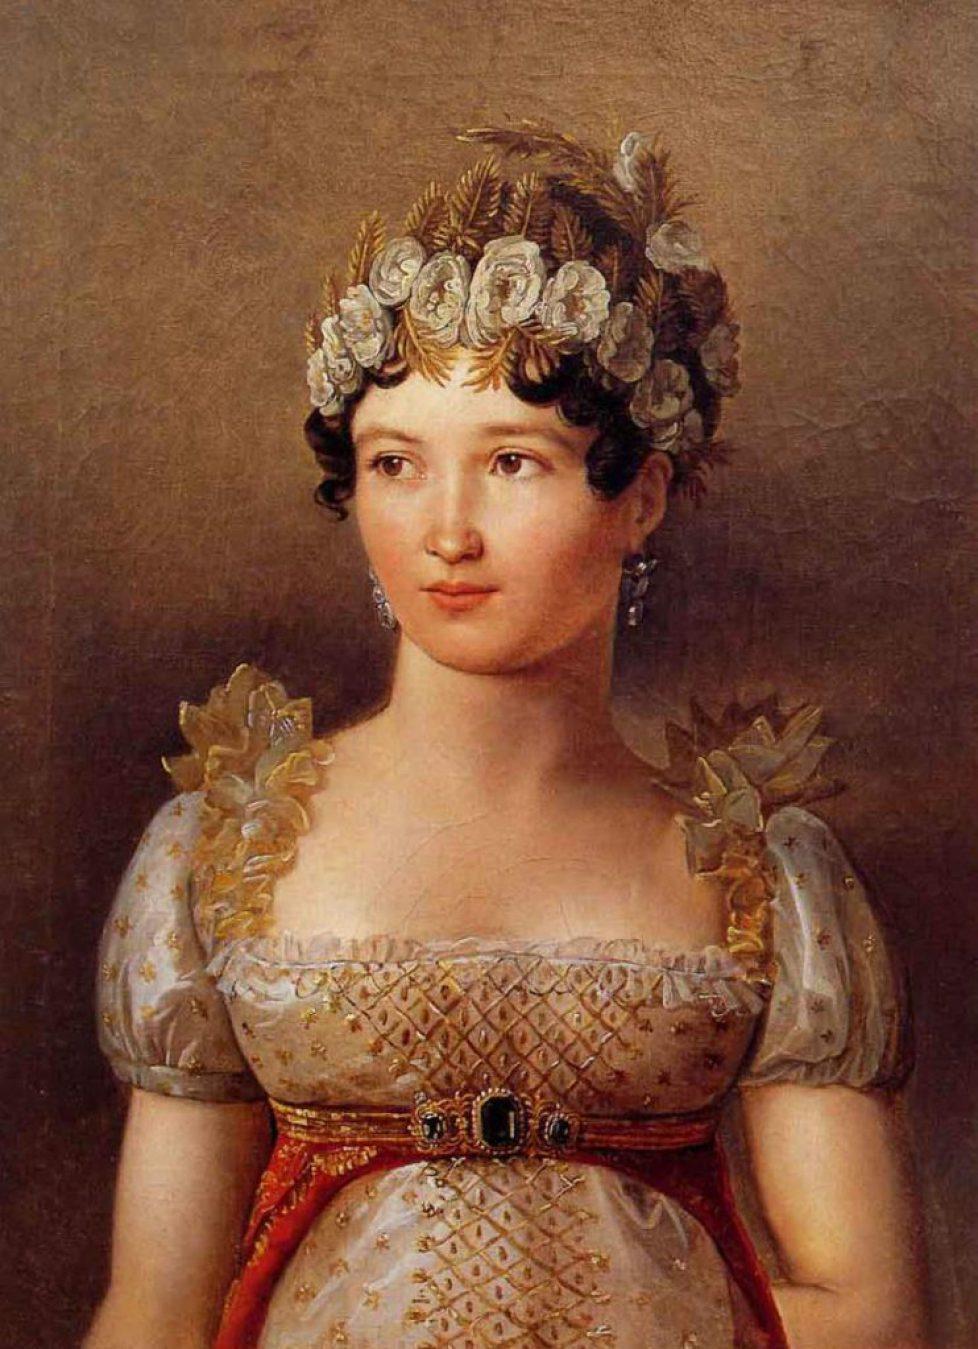 Caroline-Bonaparte-Queen-of-Naples-kings-and-queens-15359991-838-1156